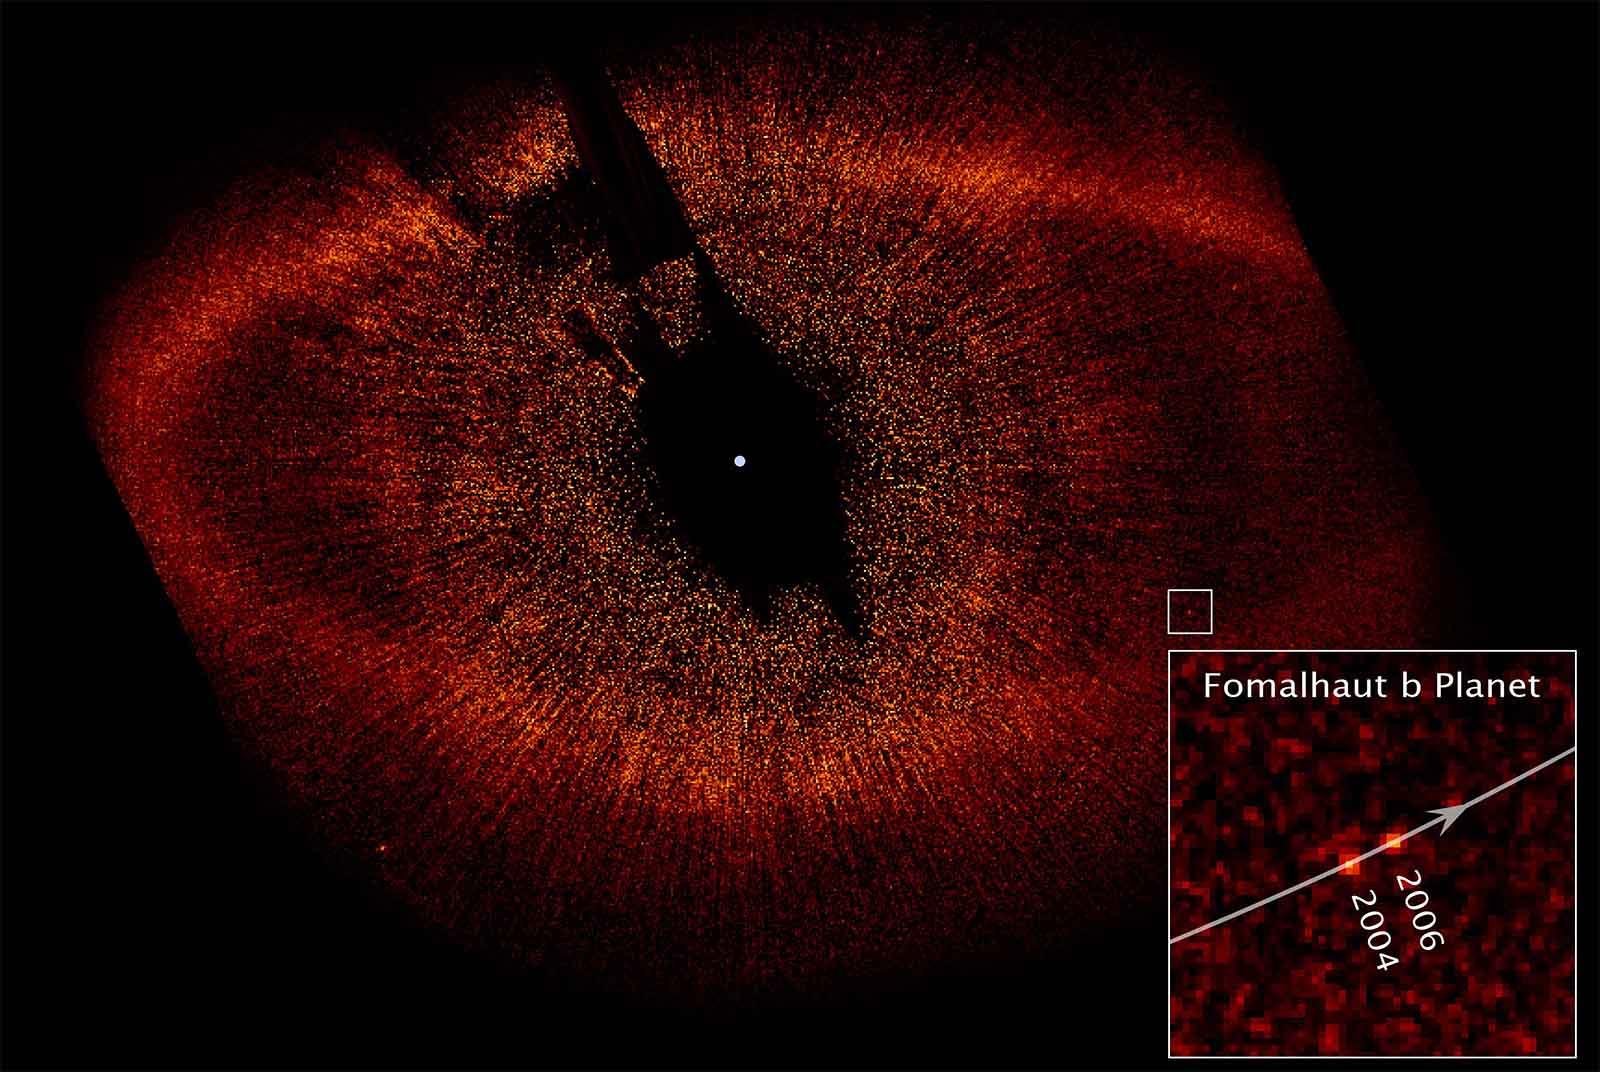 Zdjęcie planety pozasłonecznej Fomalhaut b